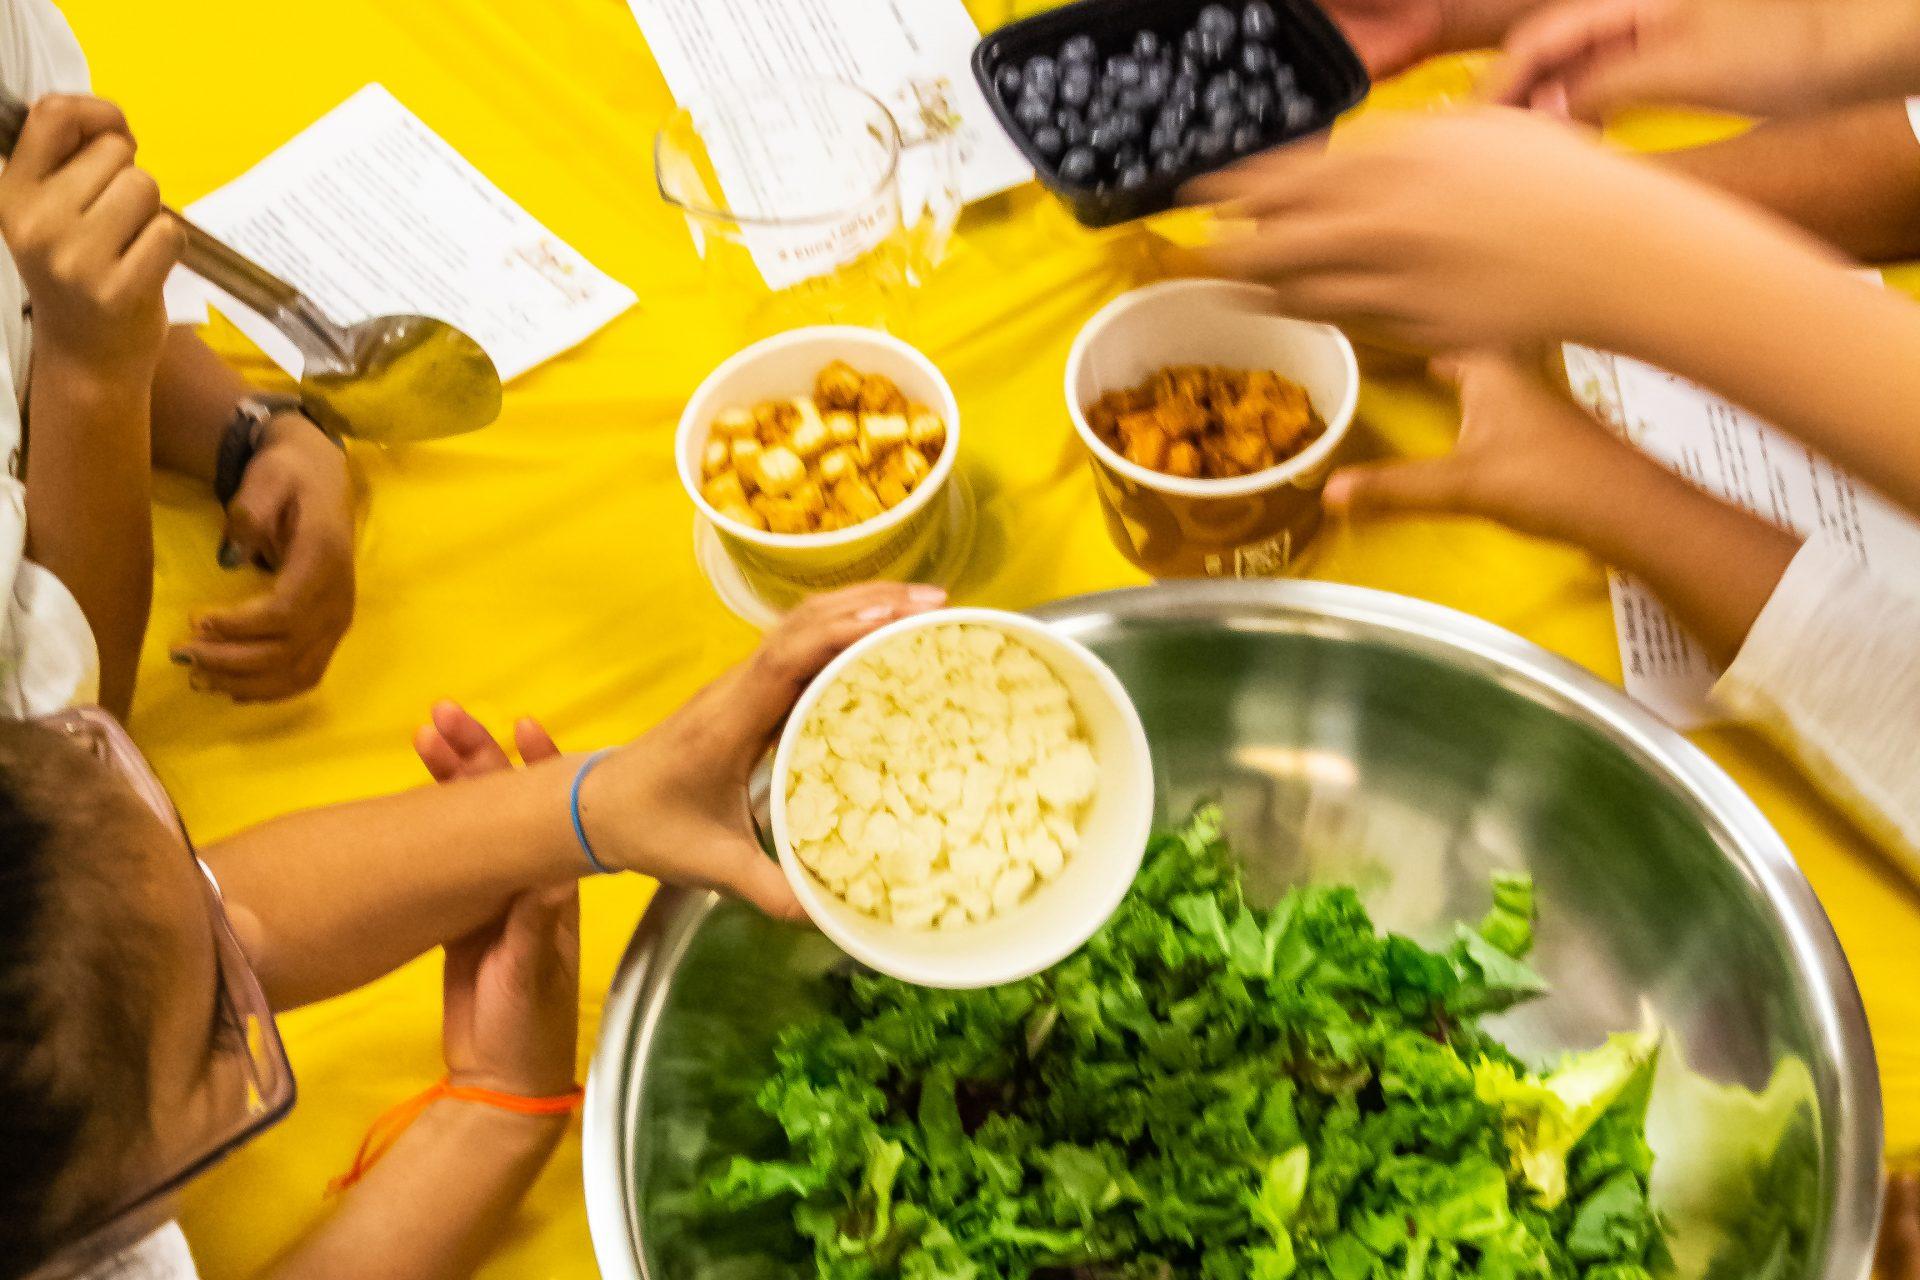 Days-of-Taste-2018-Salad-Ingredients